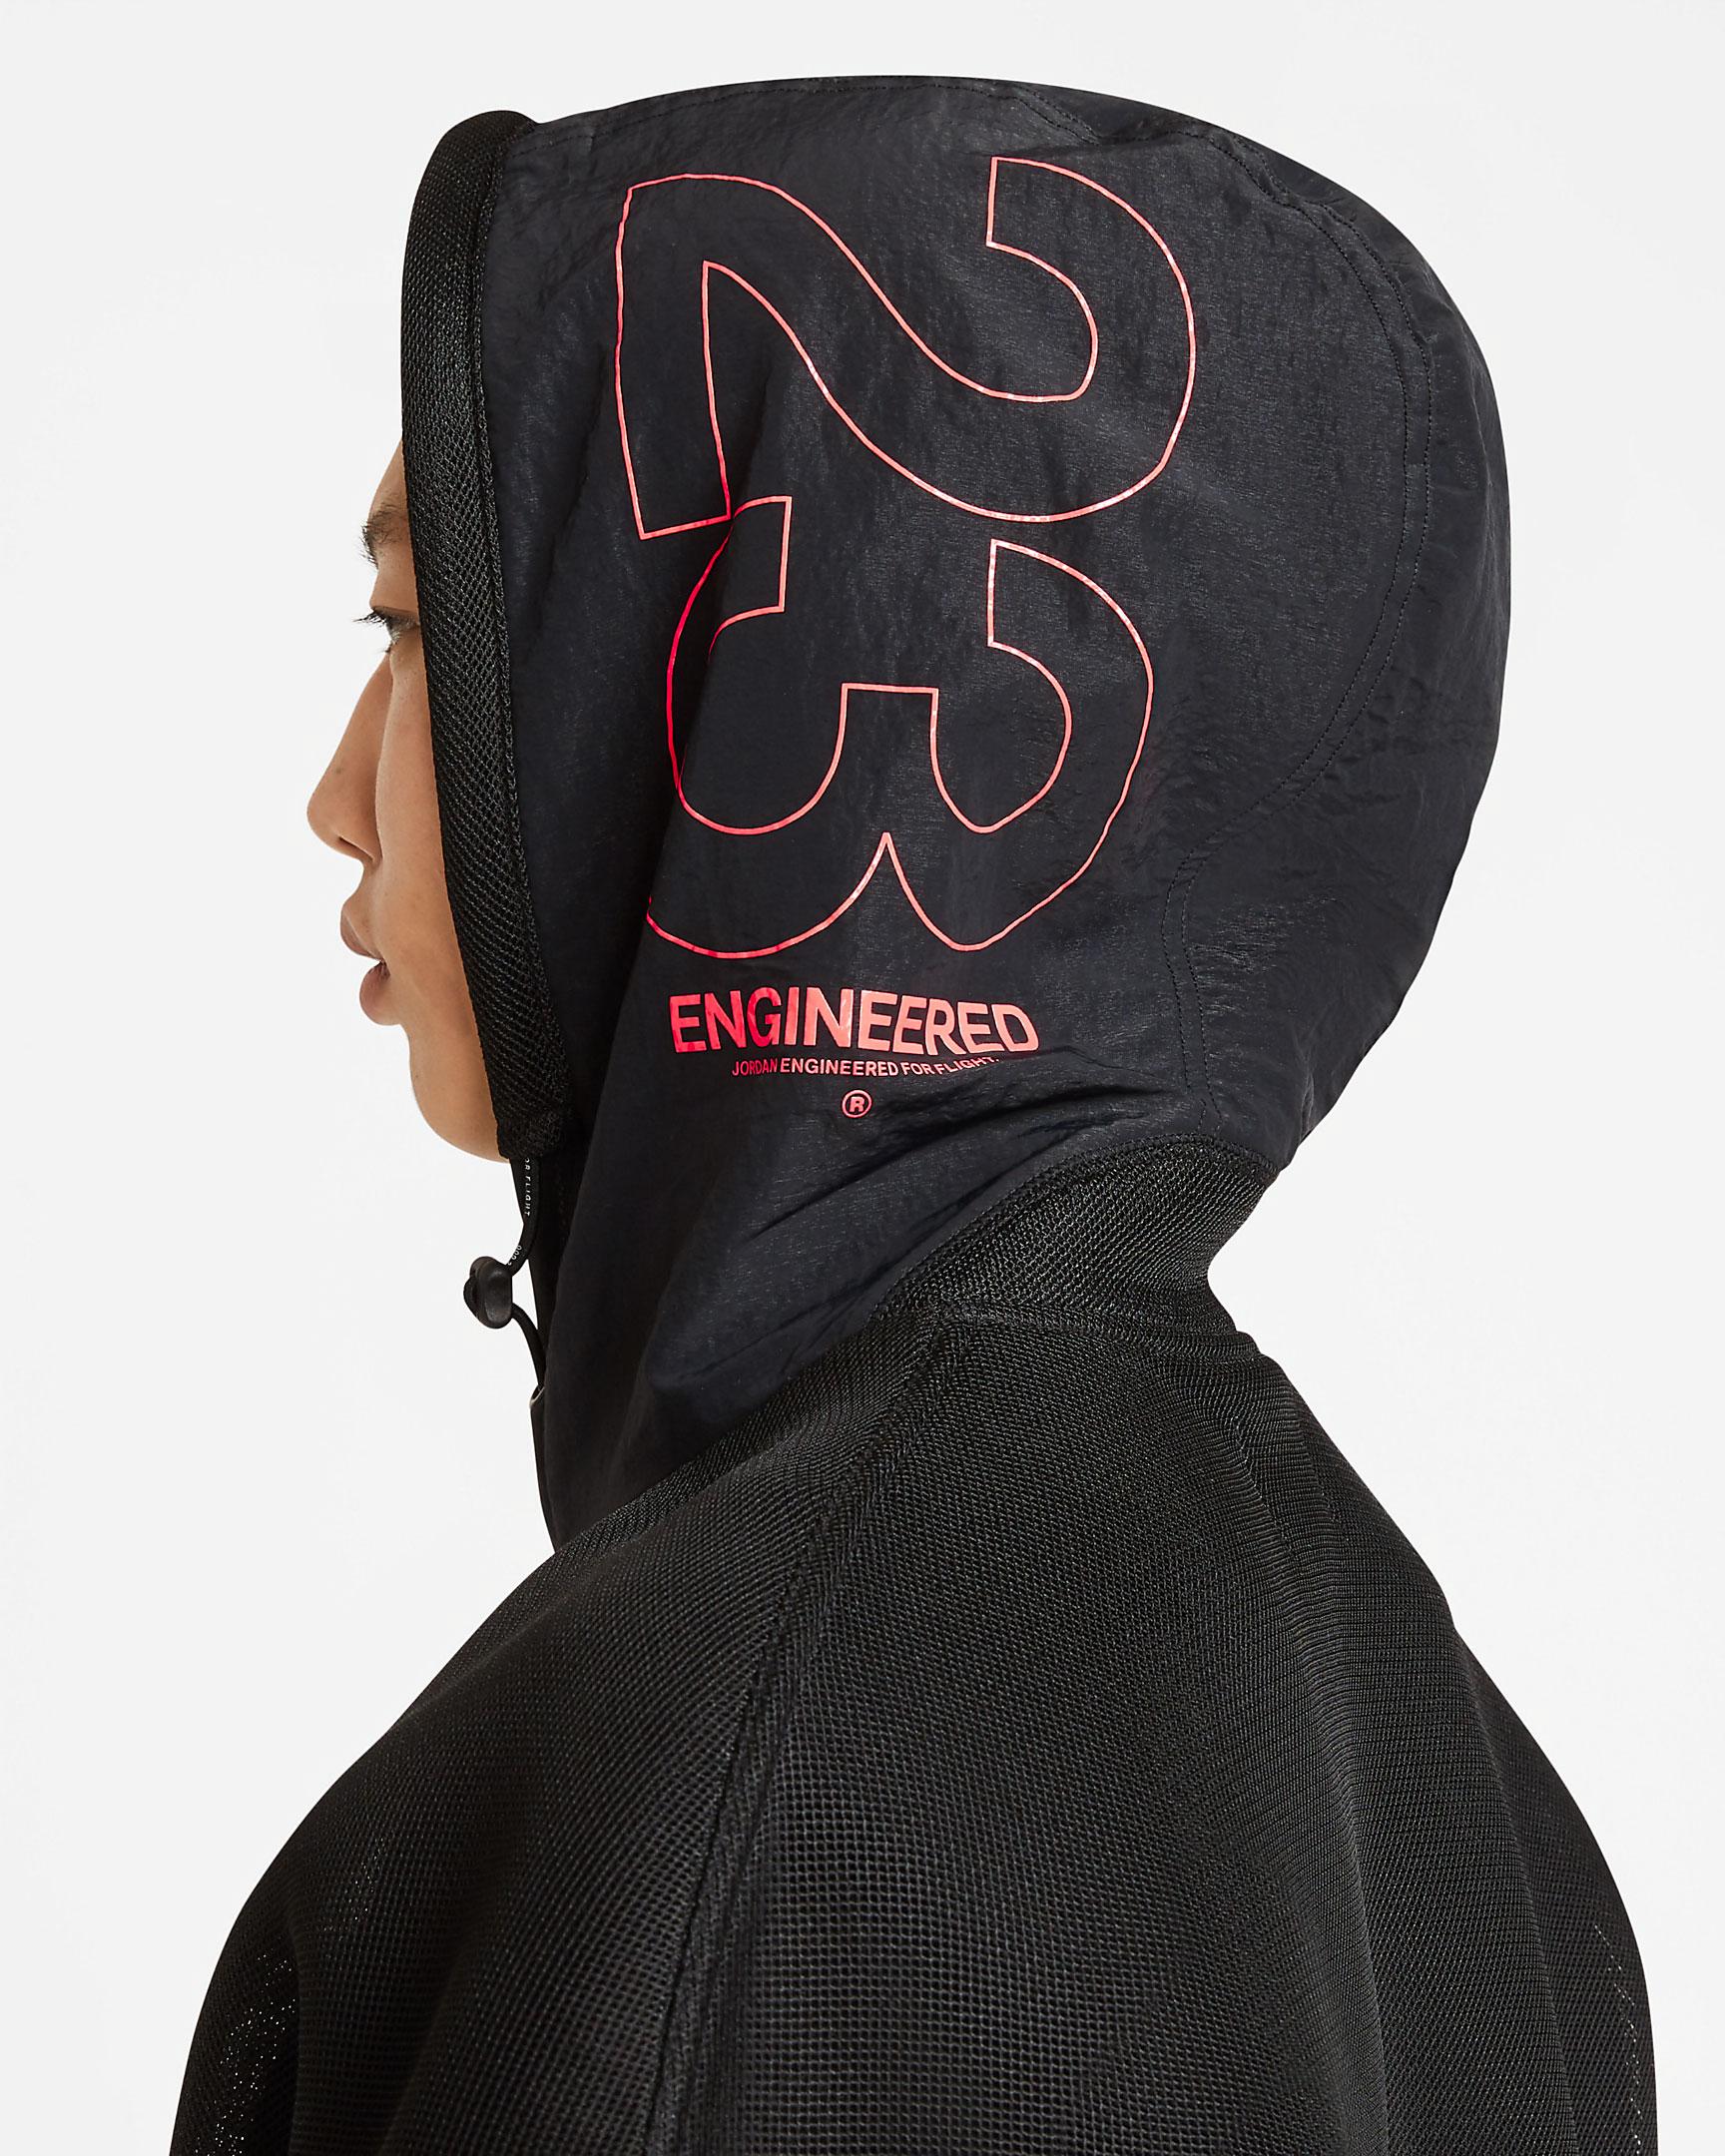 jordan-23-engineered-hoodie-black-red-3